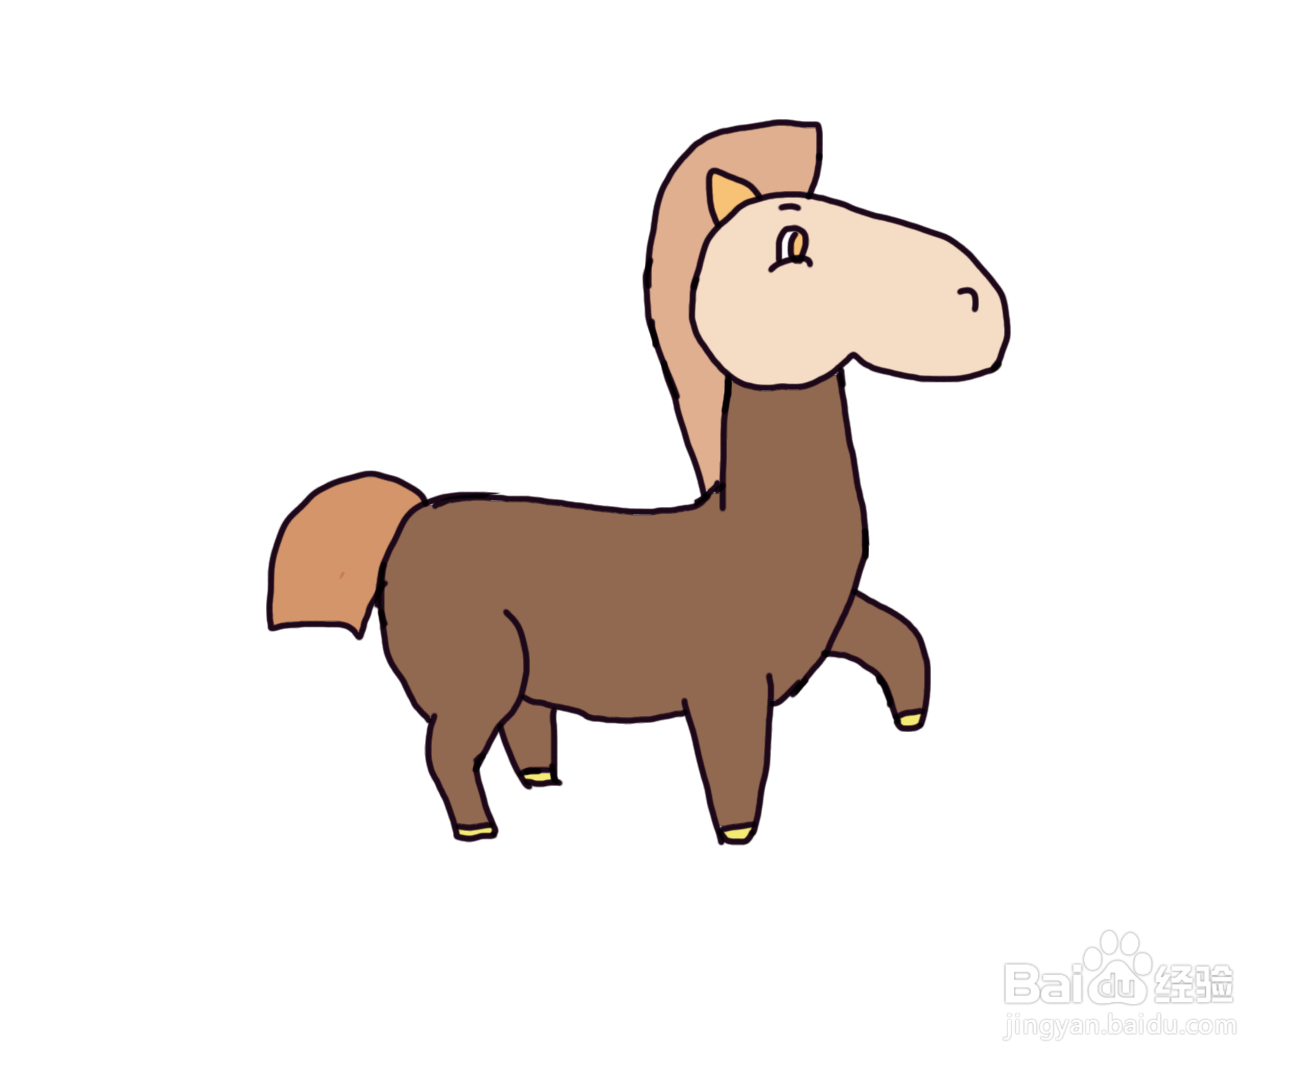 怎么画儿童彩色简笔画卡通动物小马?